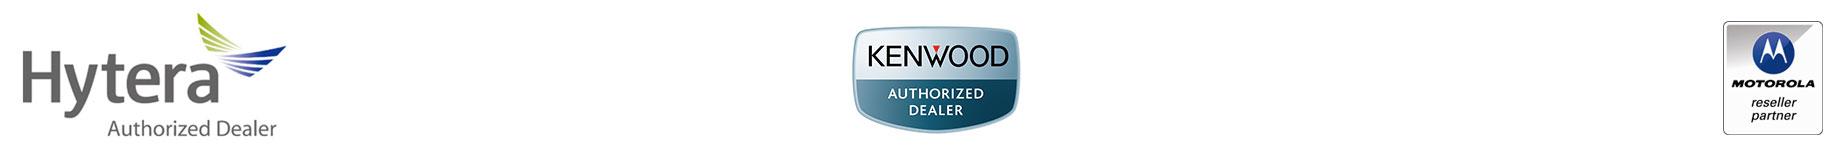 hytera kenwood motorola logos